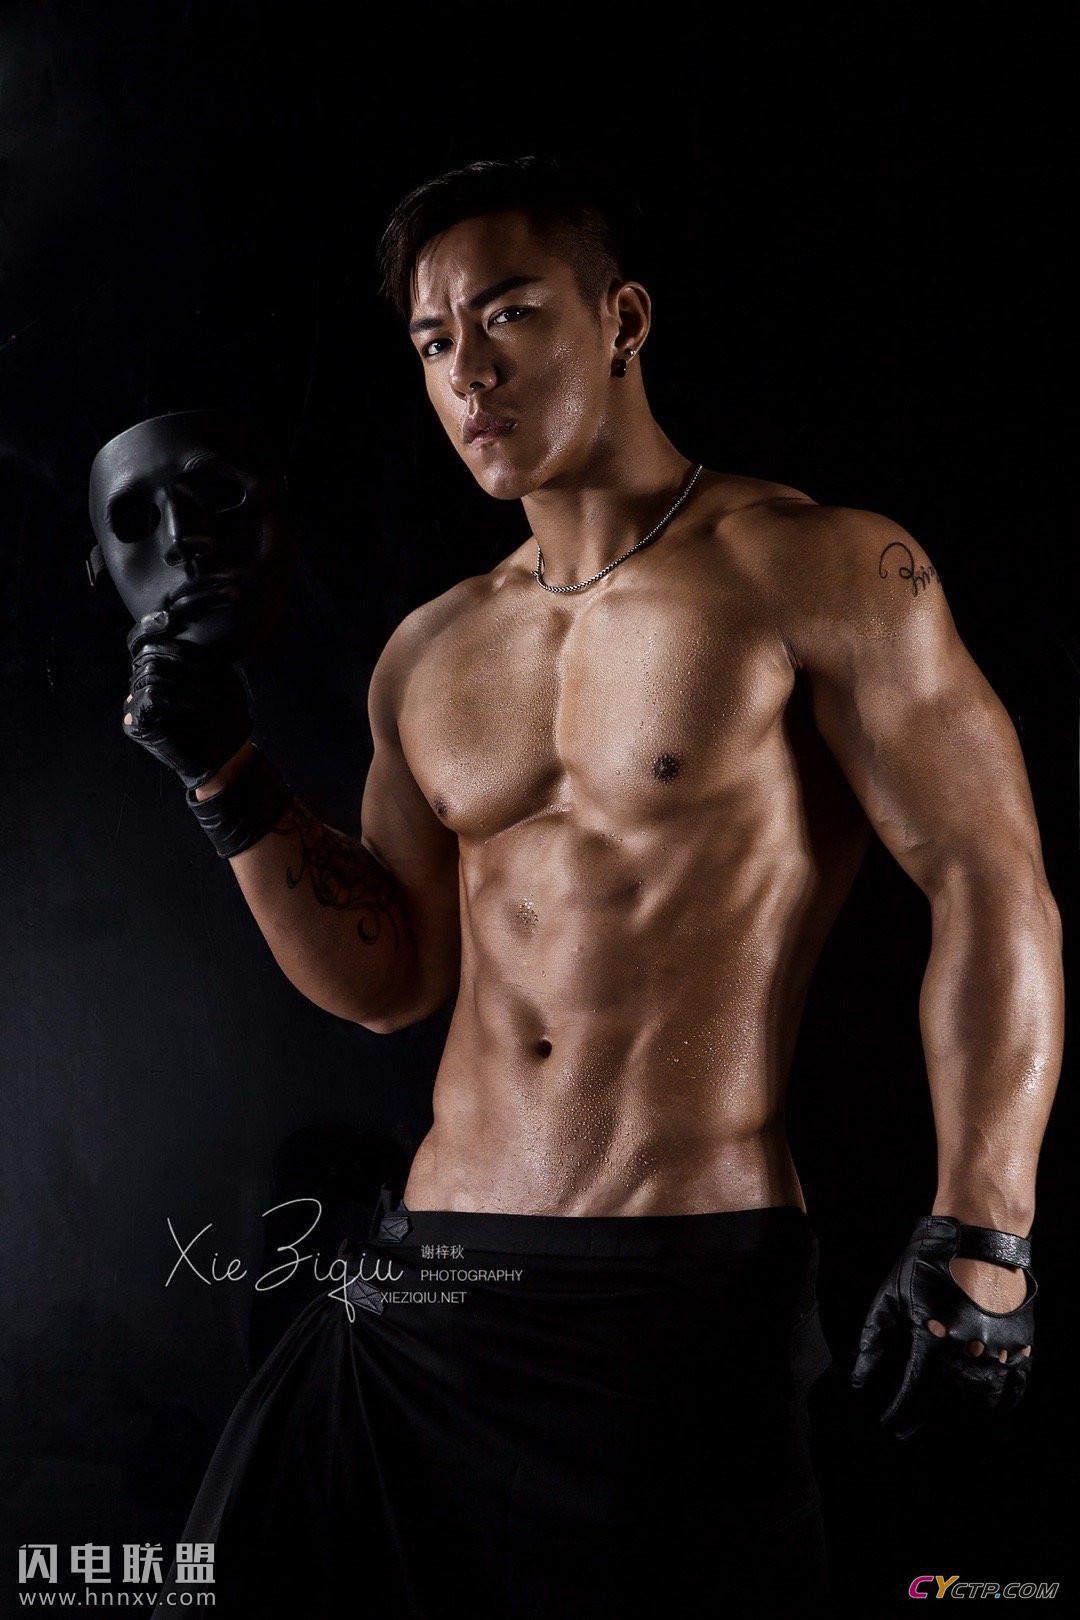 有一个专门是钙片的网站肌肉帅哥男体艺术图片